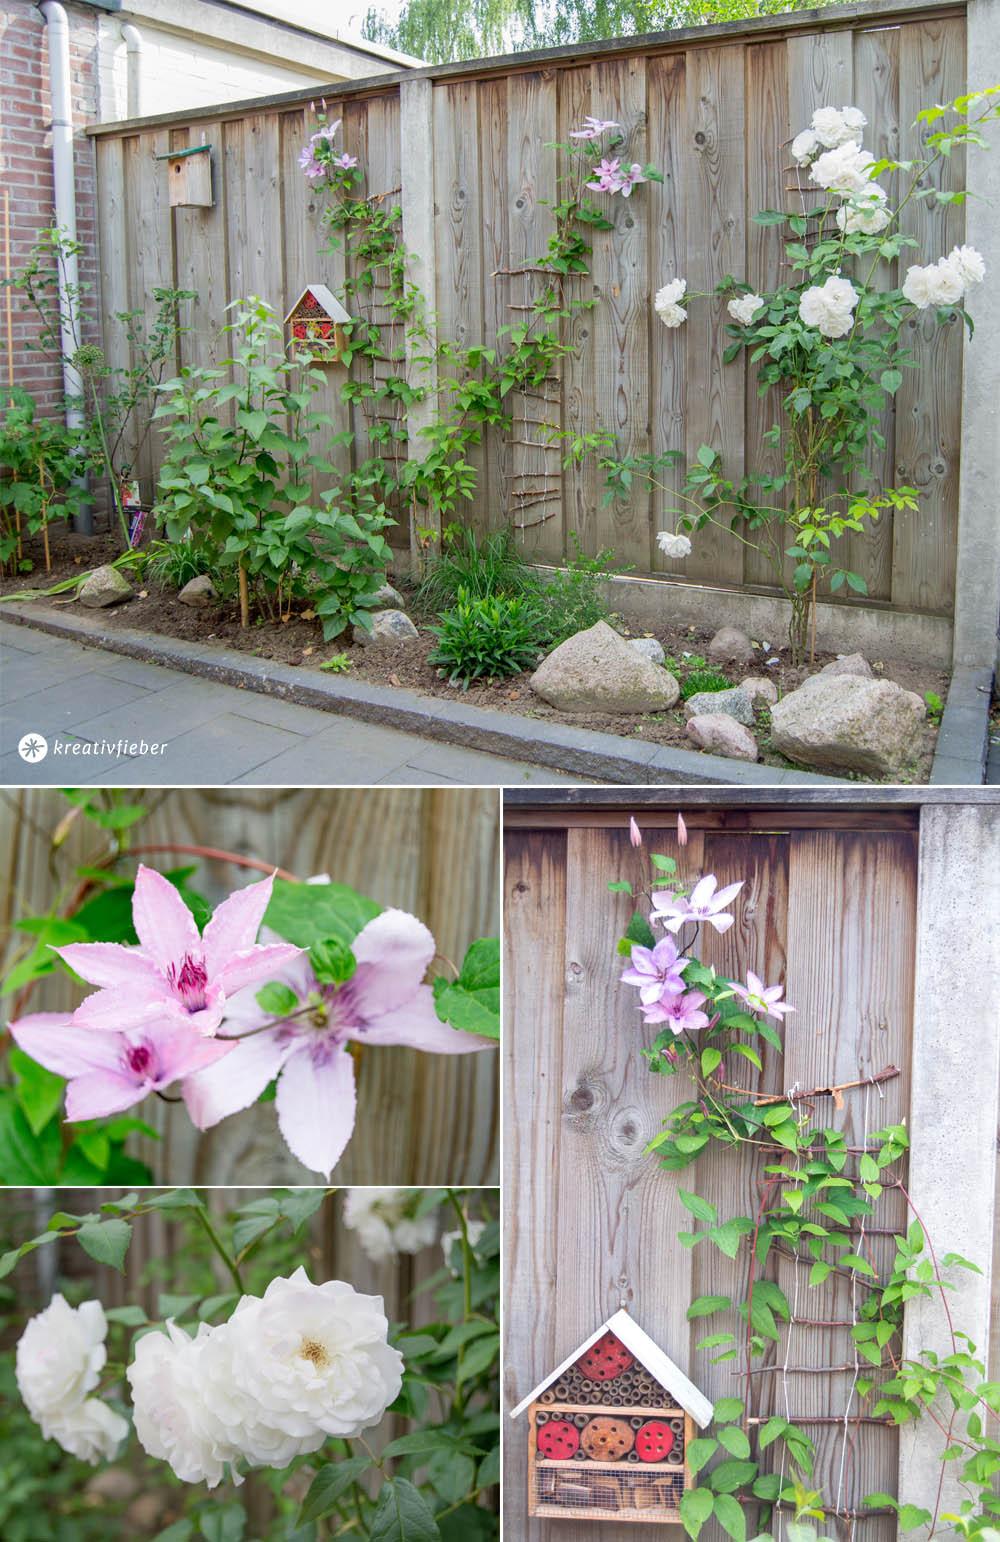 Gartenzaun Diy  DIY Kletterhilfe für Pflanzen im Garten bauen